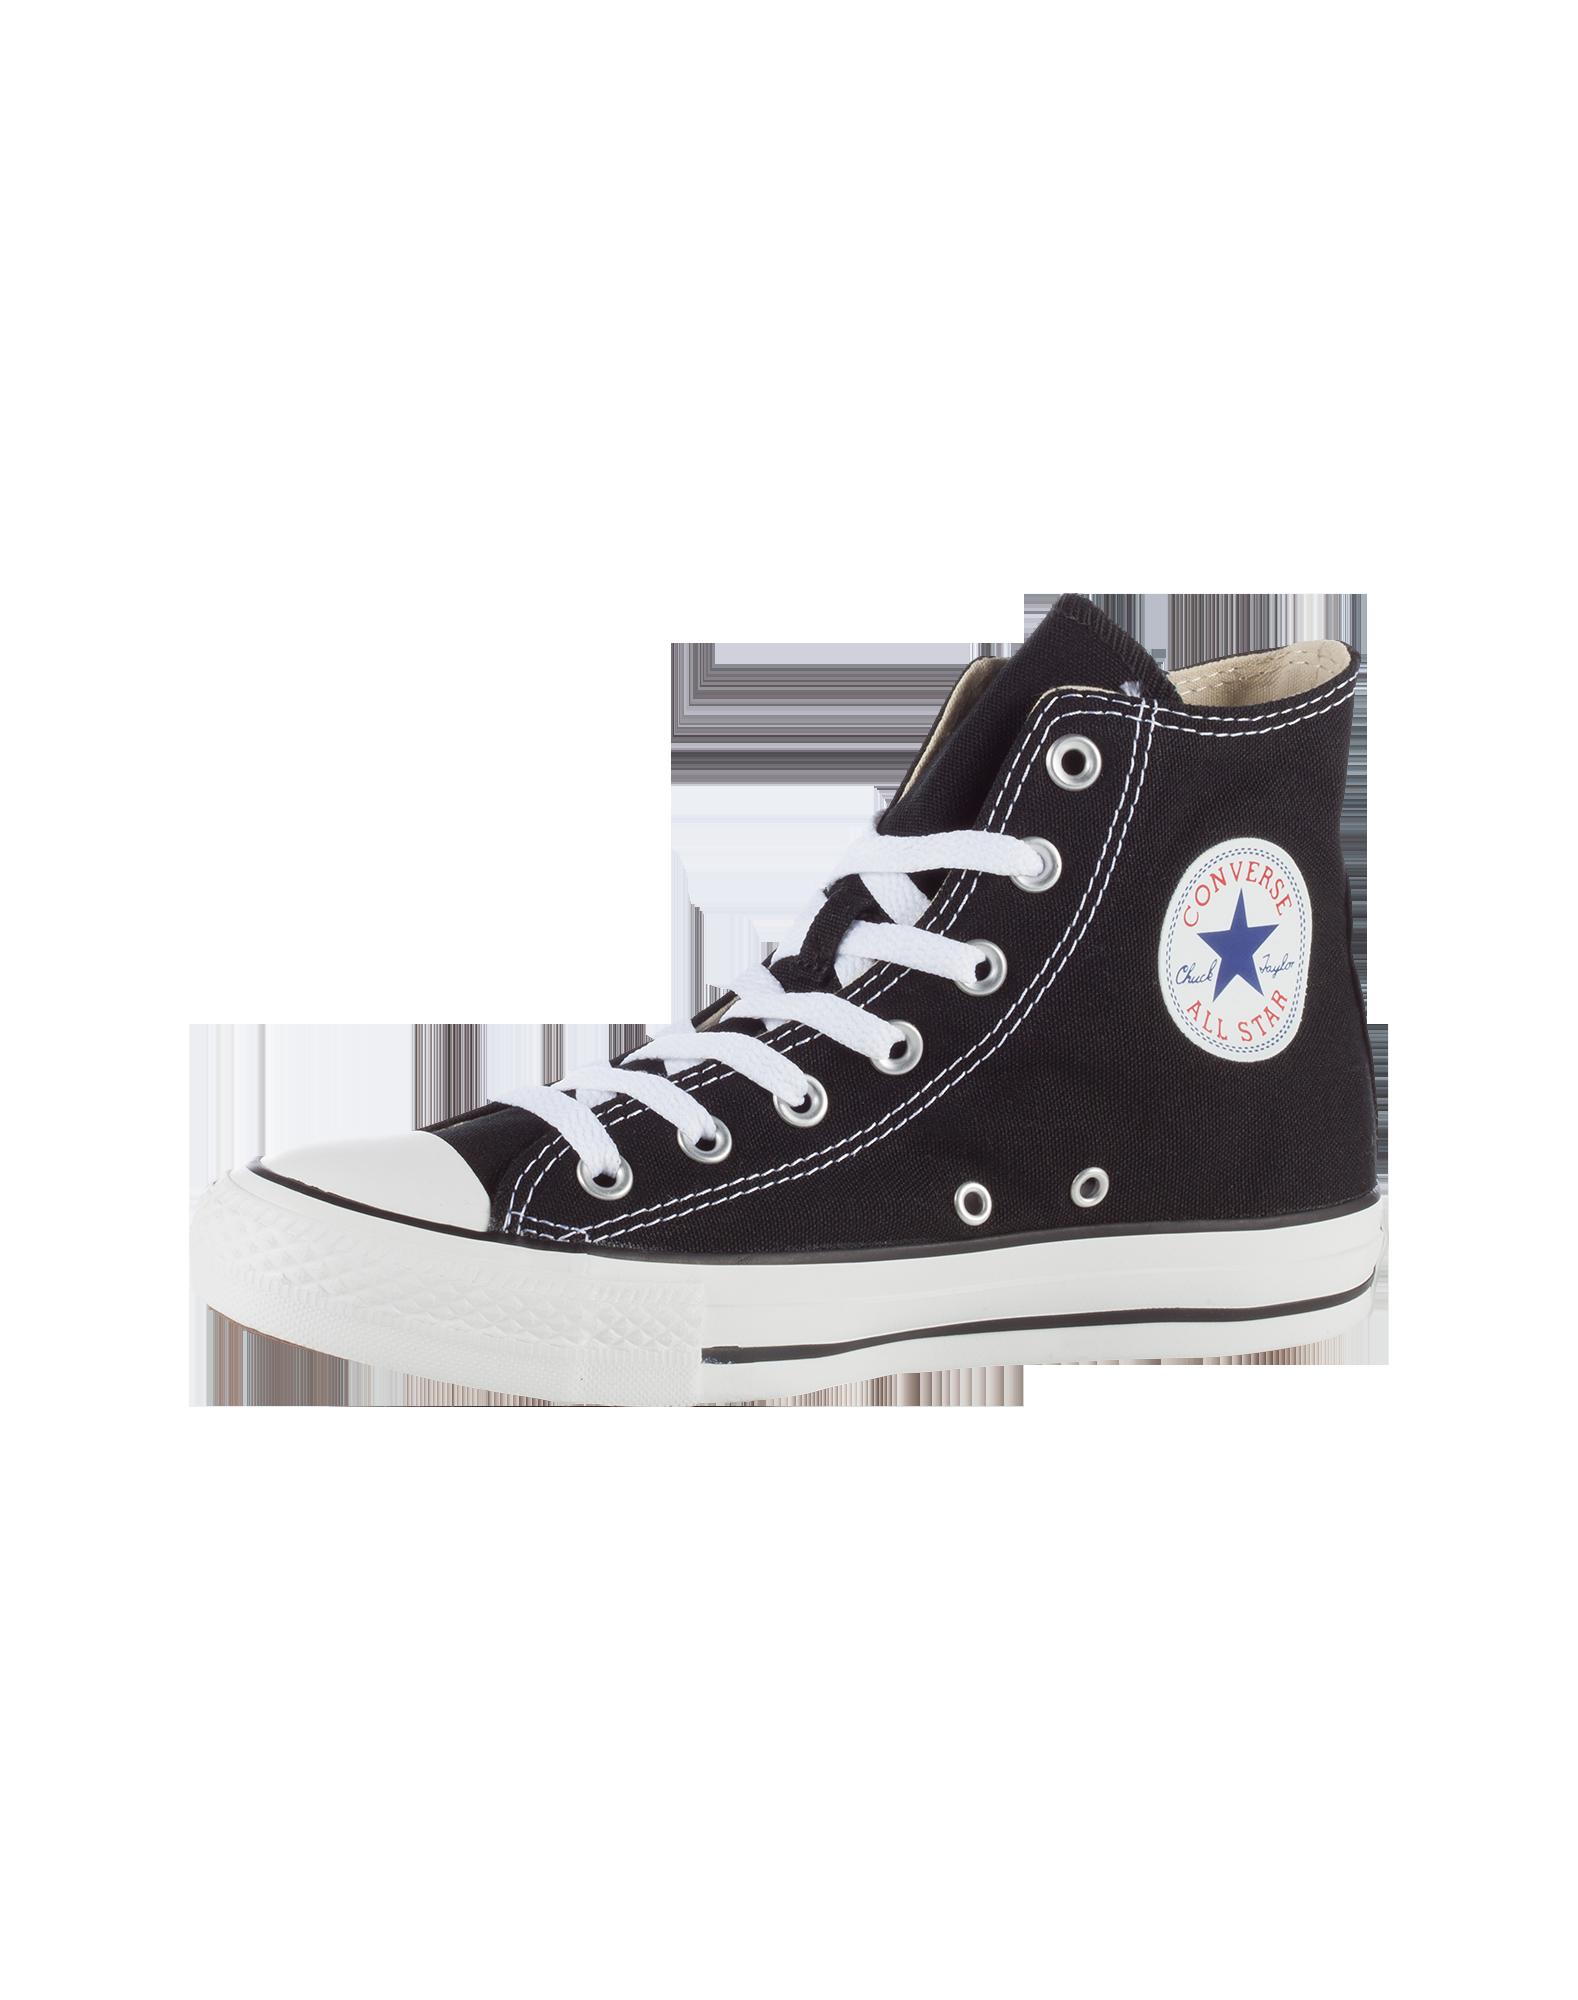 Die Schuhe von Converse sollten in keinem Kleiderschrank fehlen. Passen perfekt zur Jeans oder Rock @ABOUT YOU http://dein.aboutyou.de/p/converse/converse-chuck-taylor-as-core-sneaker-664168